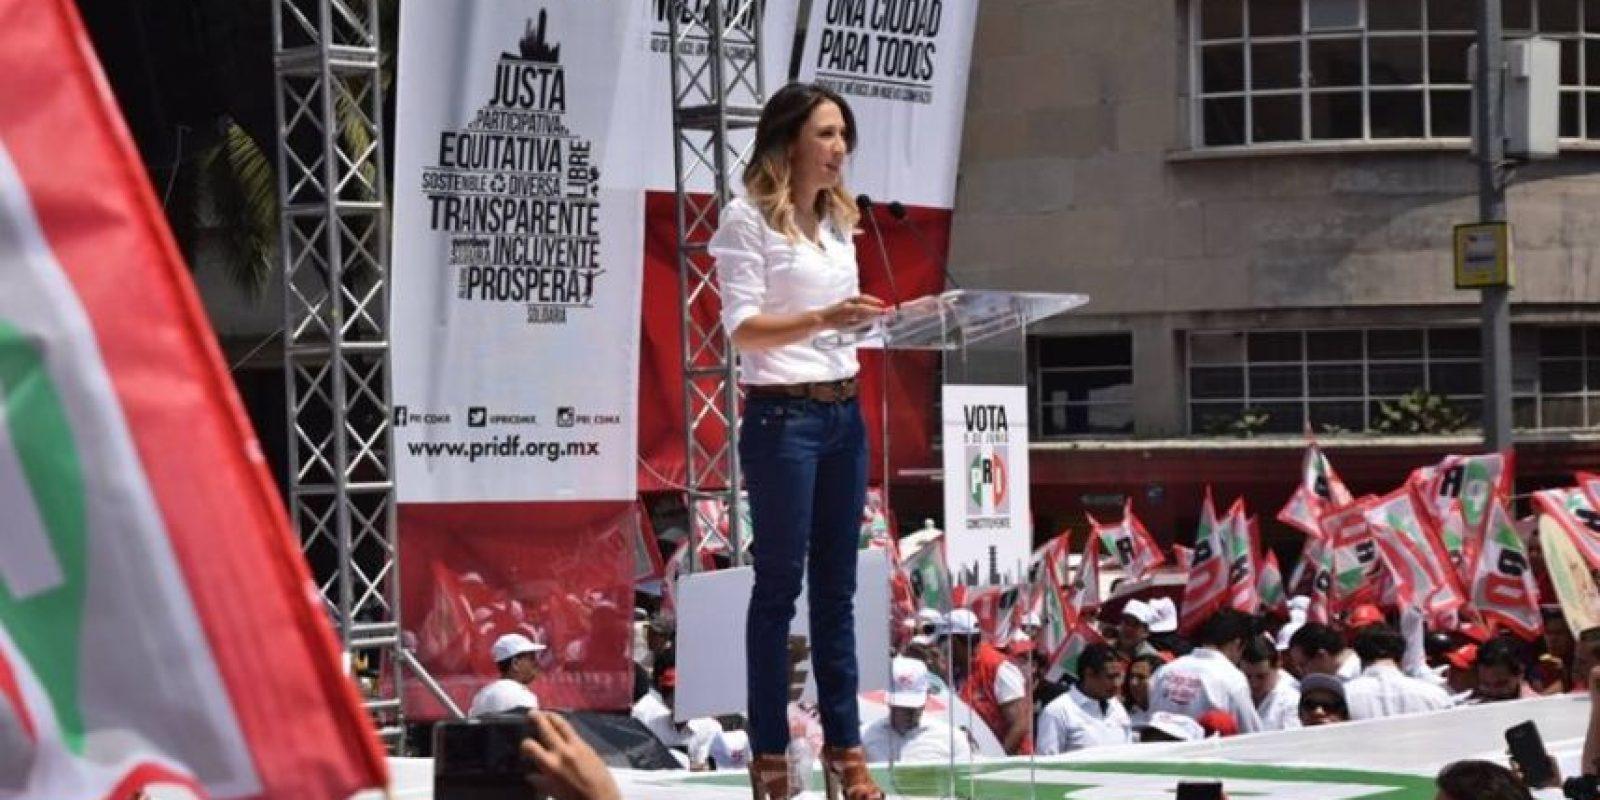 La presidenta del PRICDMX Mariana Moguel realizó el cierre de campaña Foto:Especial